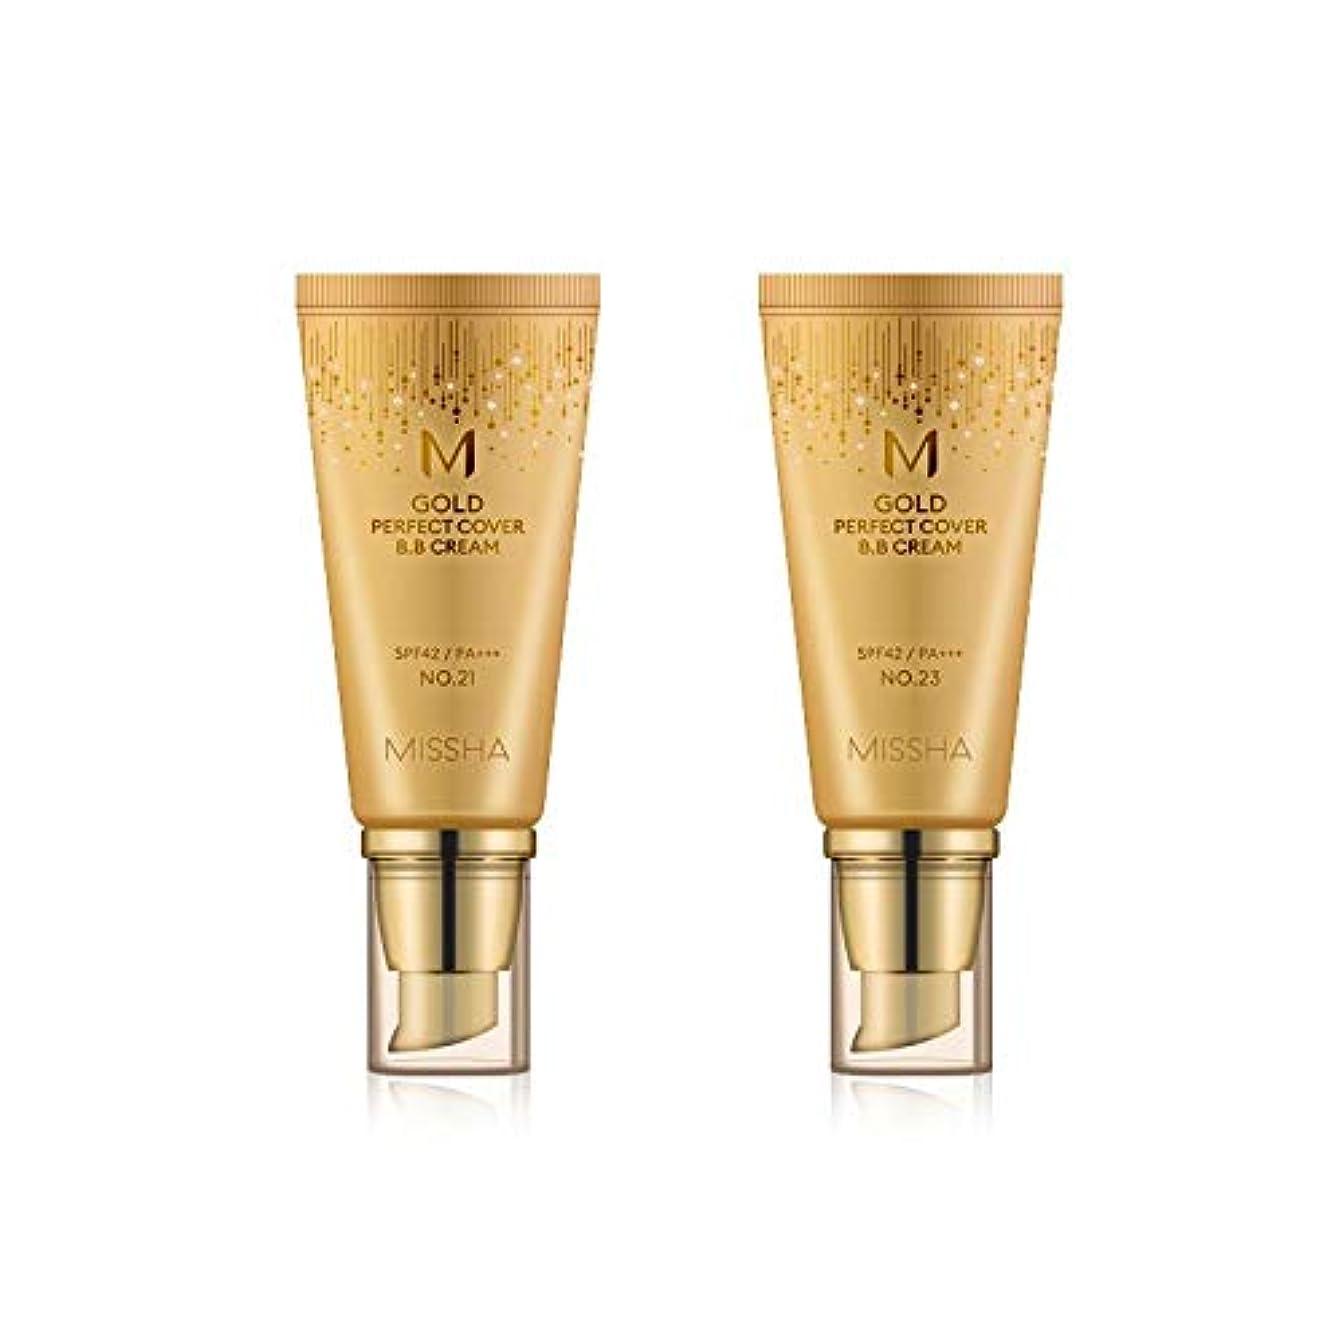 拡散するダース喉頭MISSHA Gold Perfecte Cover BB Cream SPF42 PA+++ / ミシャ ゴールド パーフェクト カバー BBクリーム 50ml *NO.21 [並行輸入品]